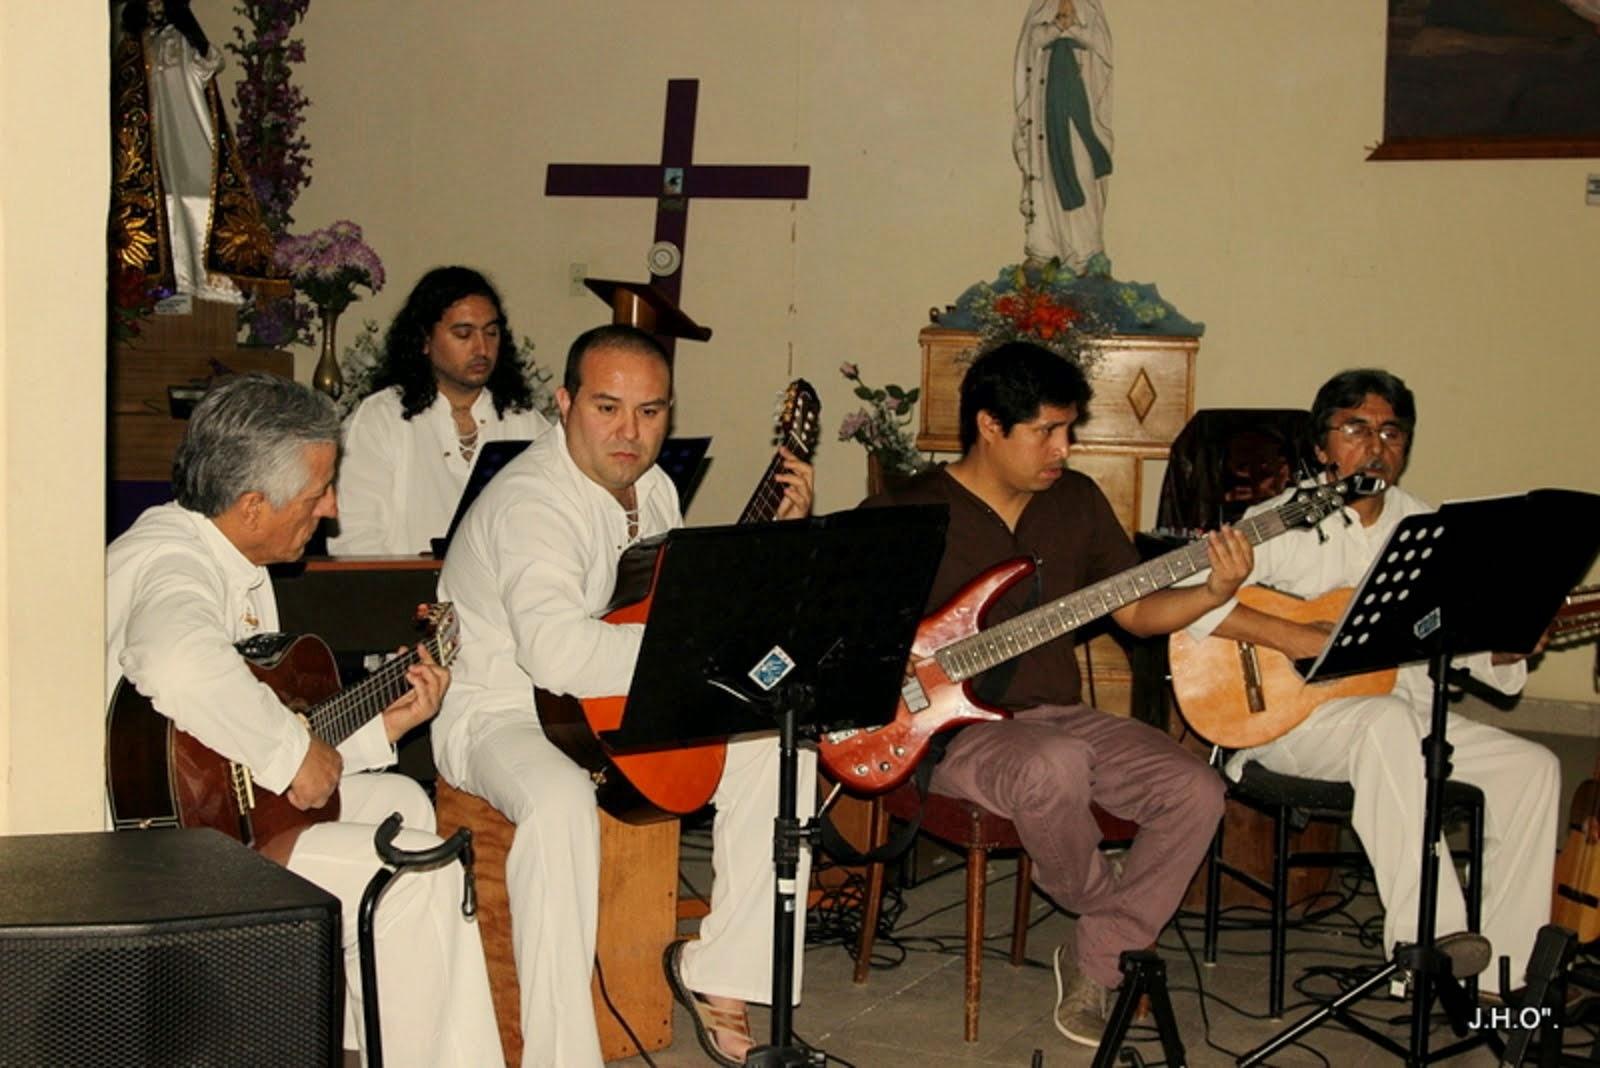 GRUPO  AMERICANTO  Y FELIPE SALDES EN EL PIANO